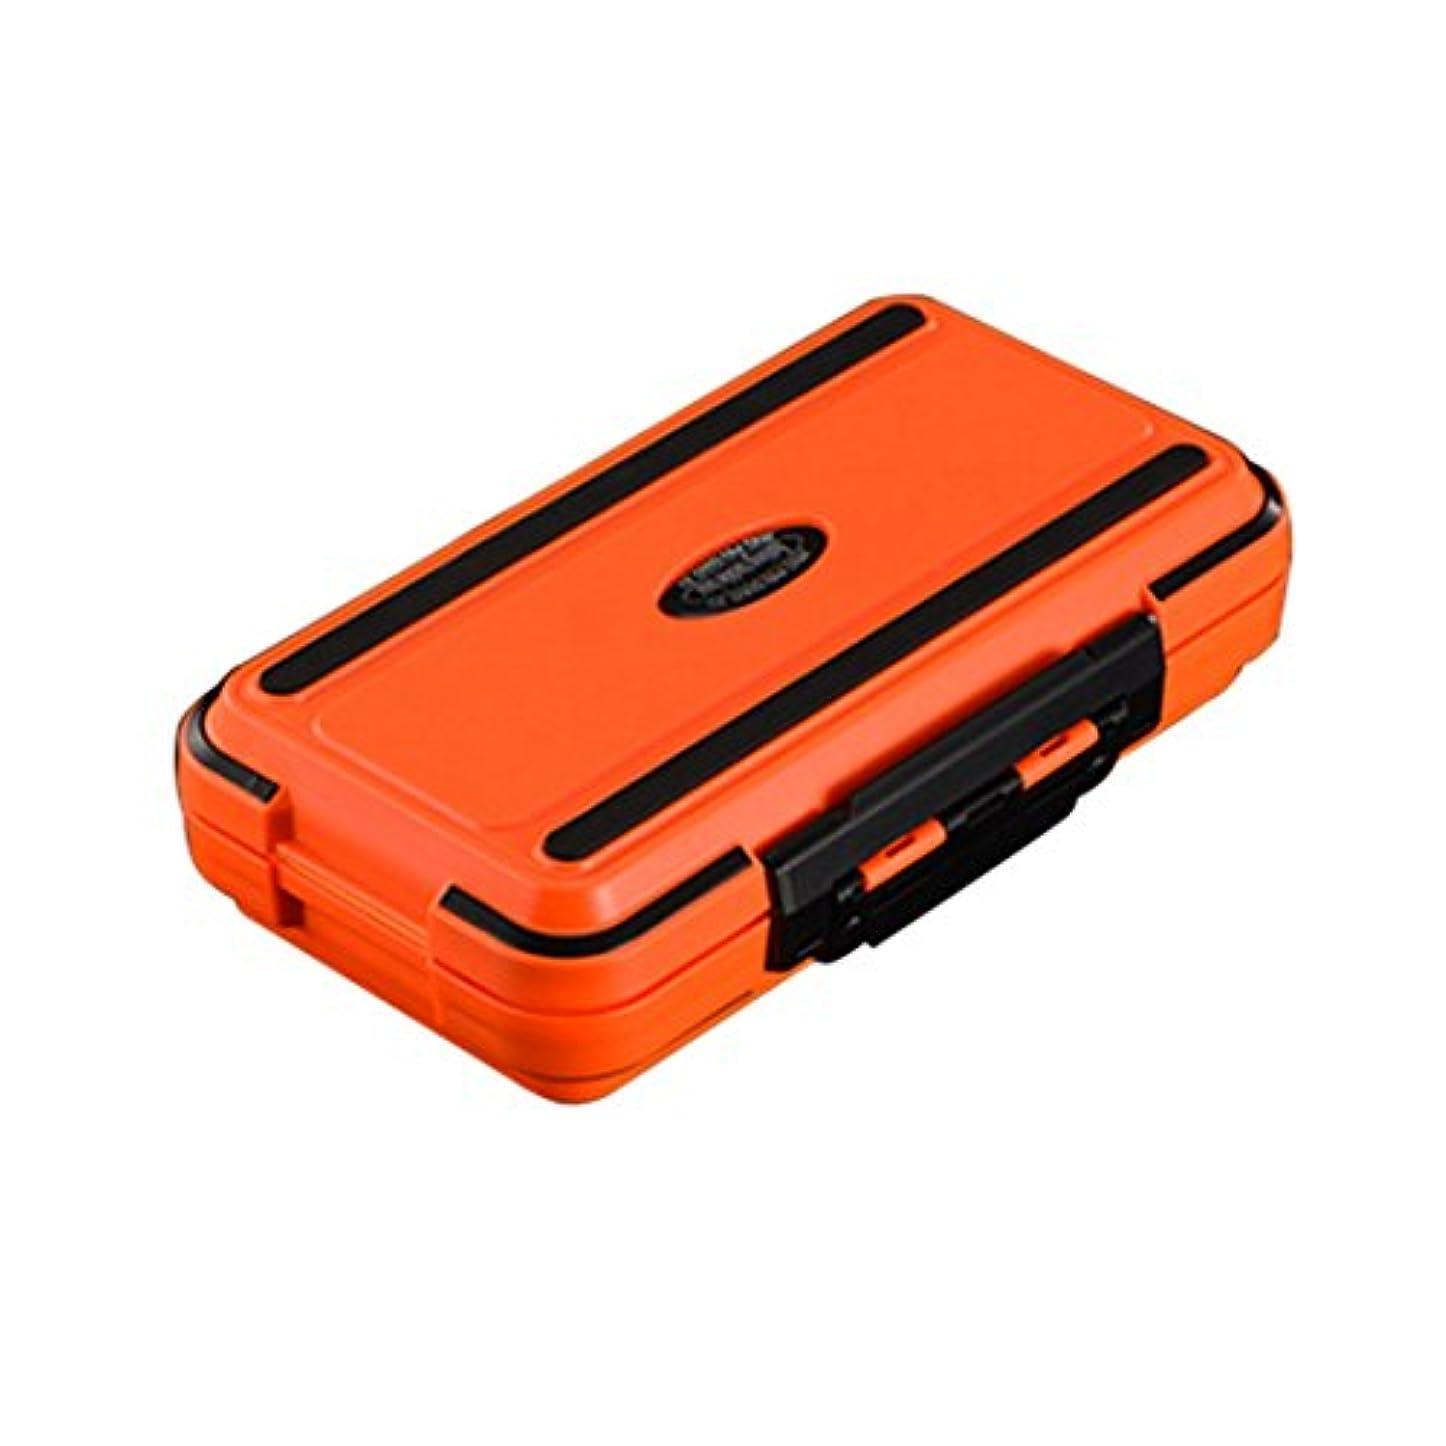 シンポジウムエンターテインメント高齢者RETYLY 30 防水釣りフックアクセサリーボックス釣り具釣り用品収納ボックス多目的ツールボックス